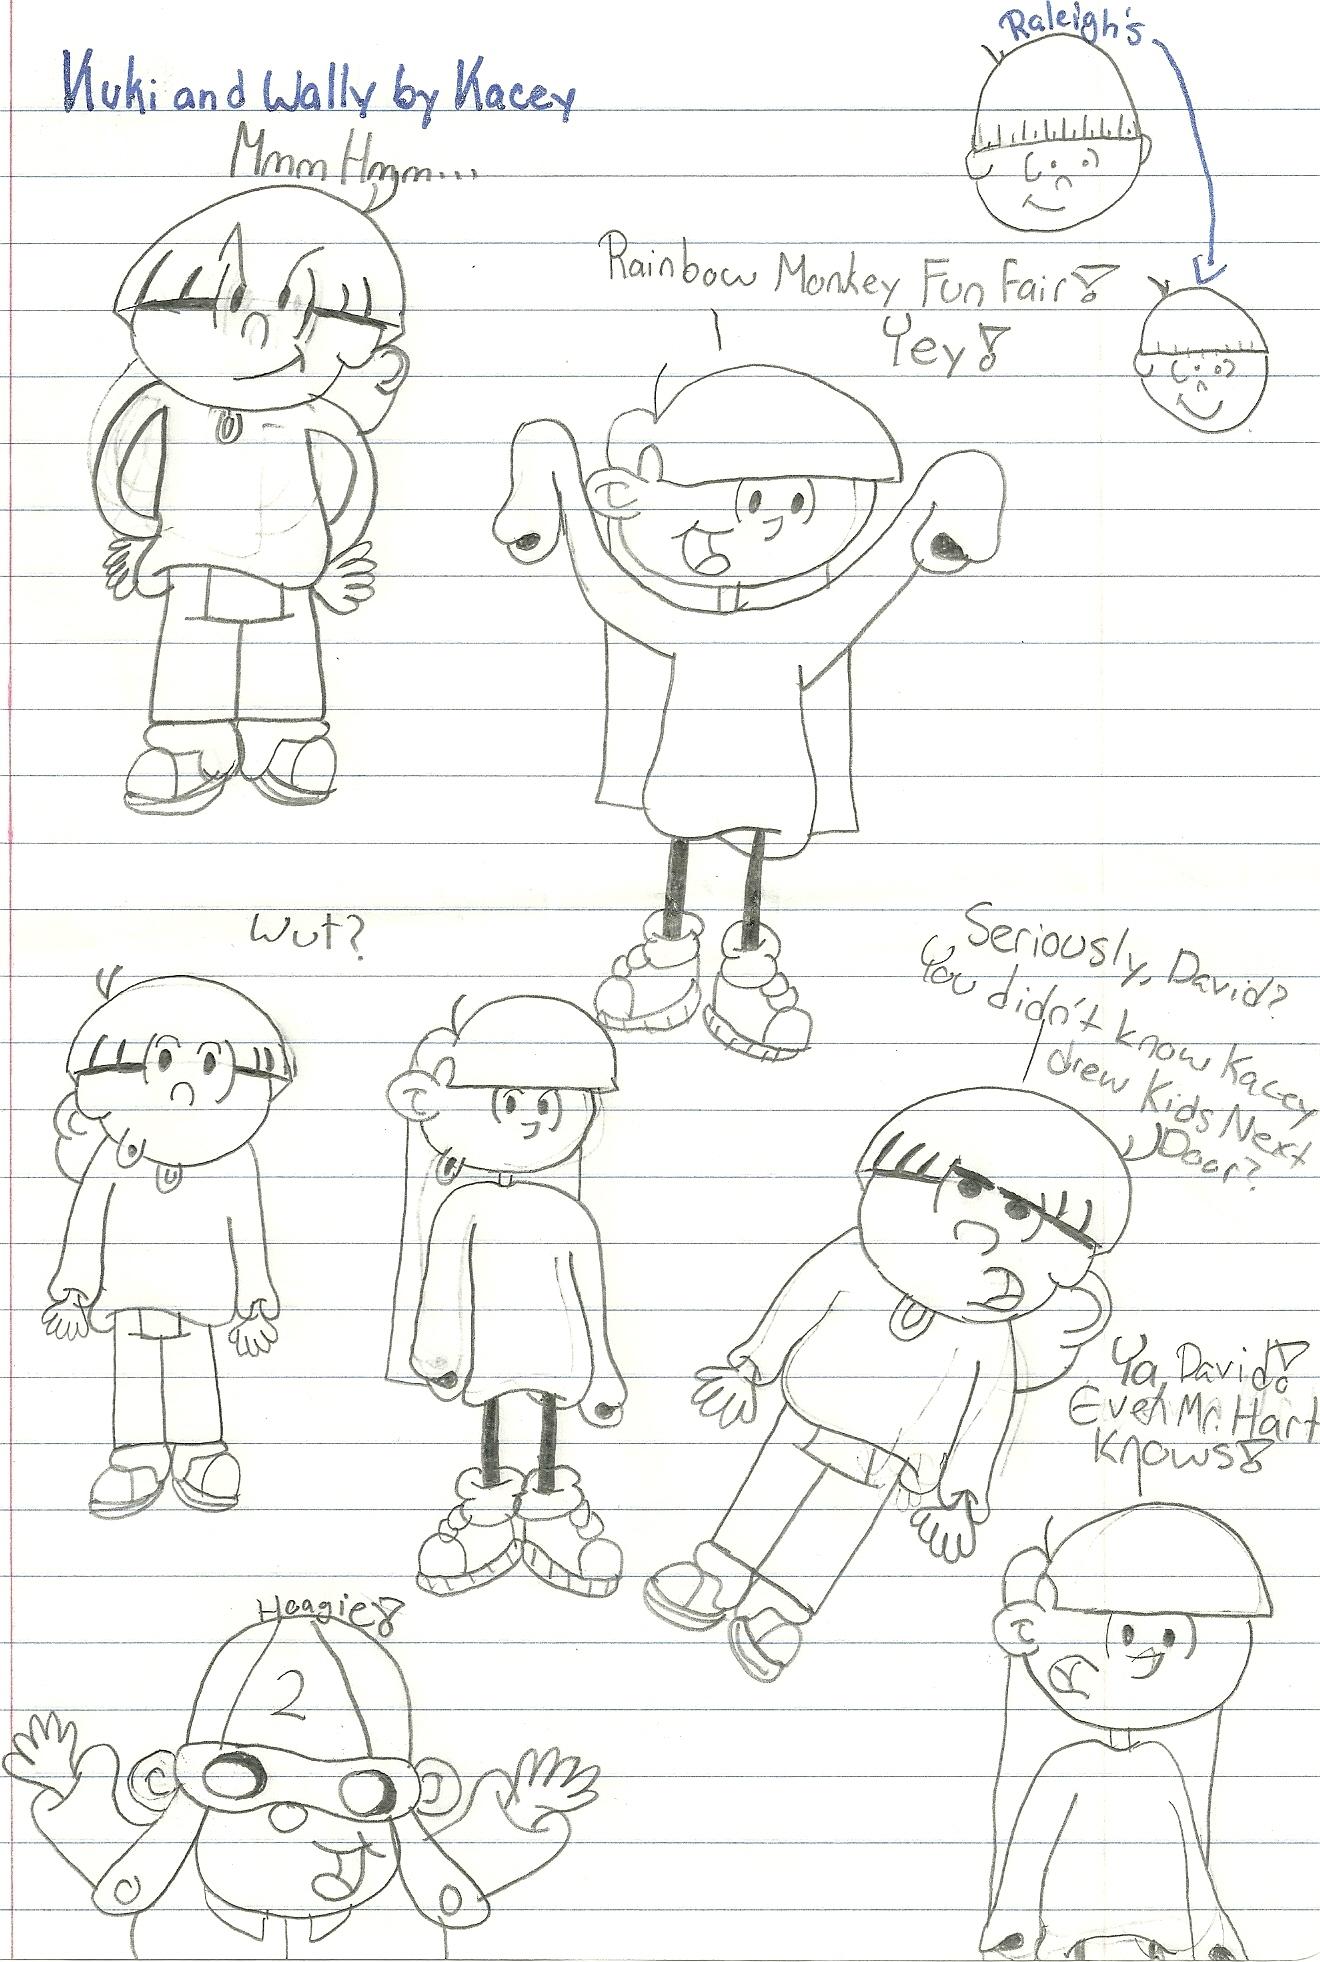 Kuki and Wally Sketches